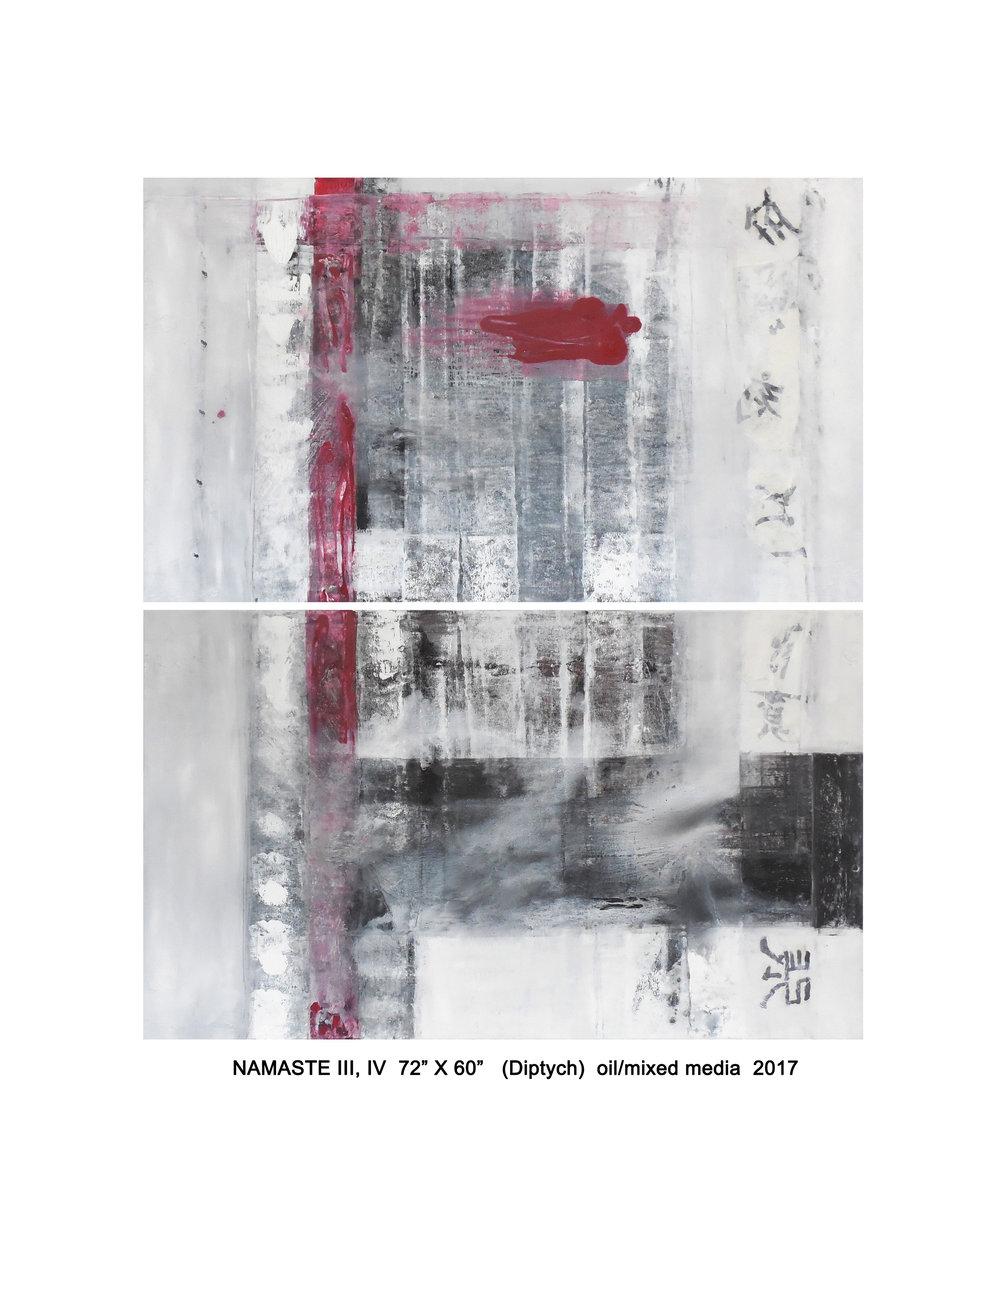 2017 namaste-III-IV-72x60-lab.jpg